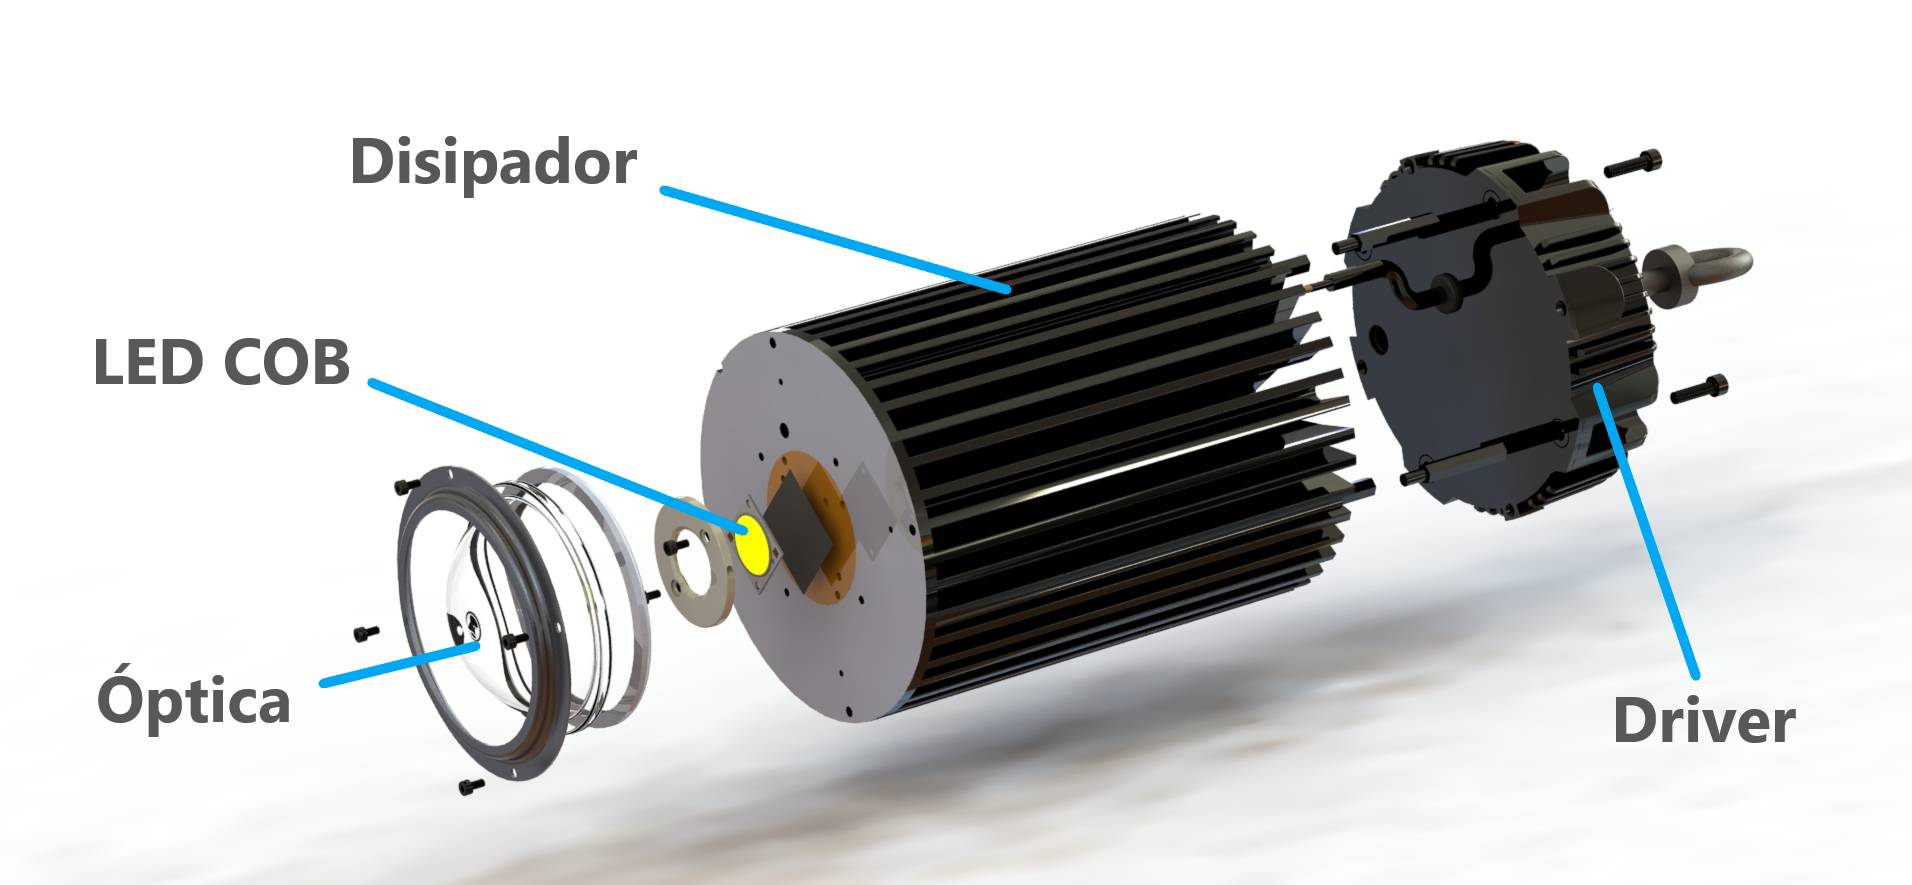 Diseño y eficiencia de una luminaria industrial Ledsmex